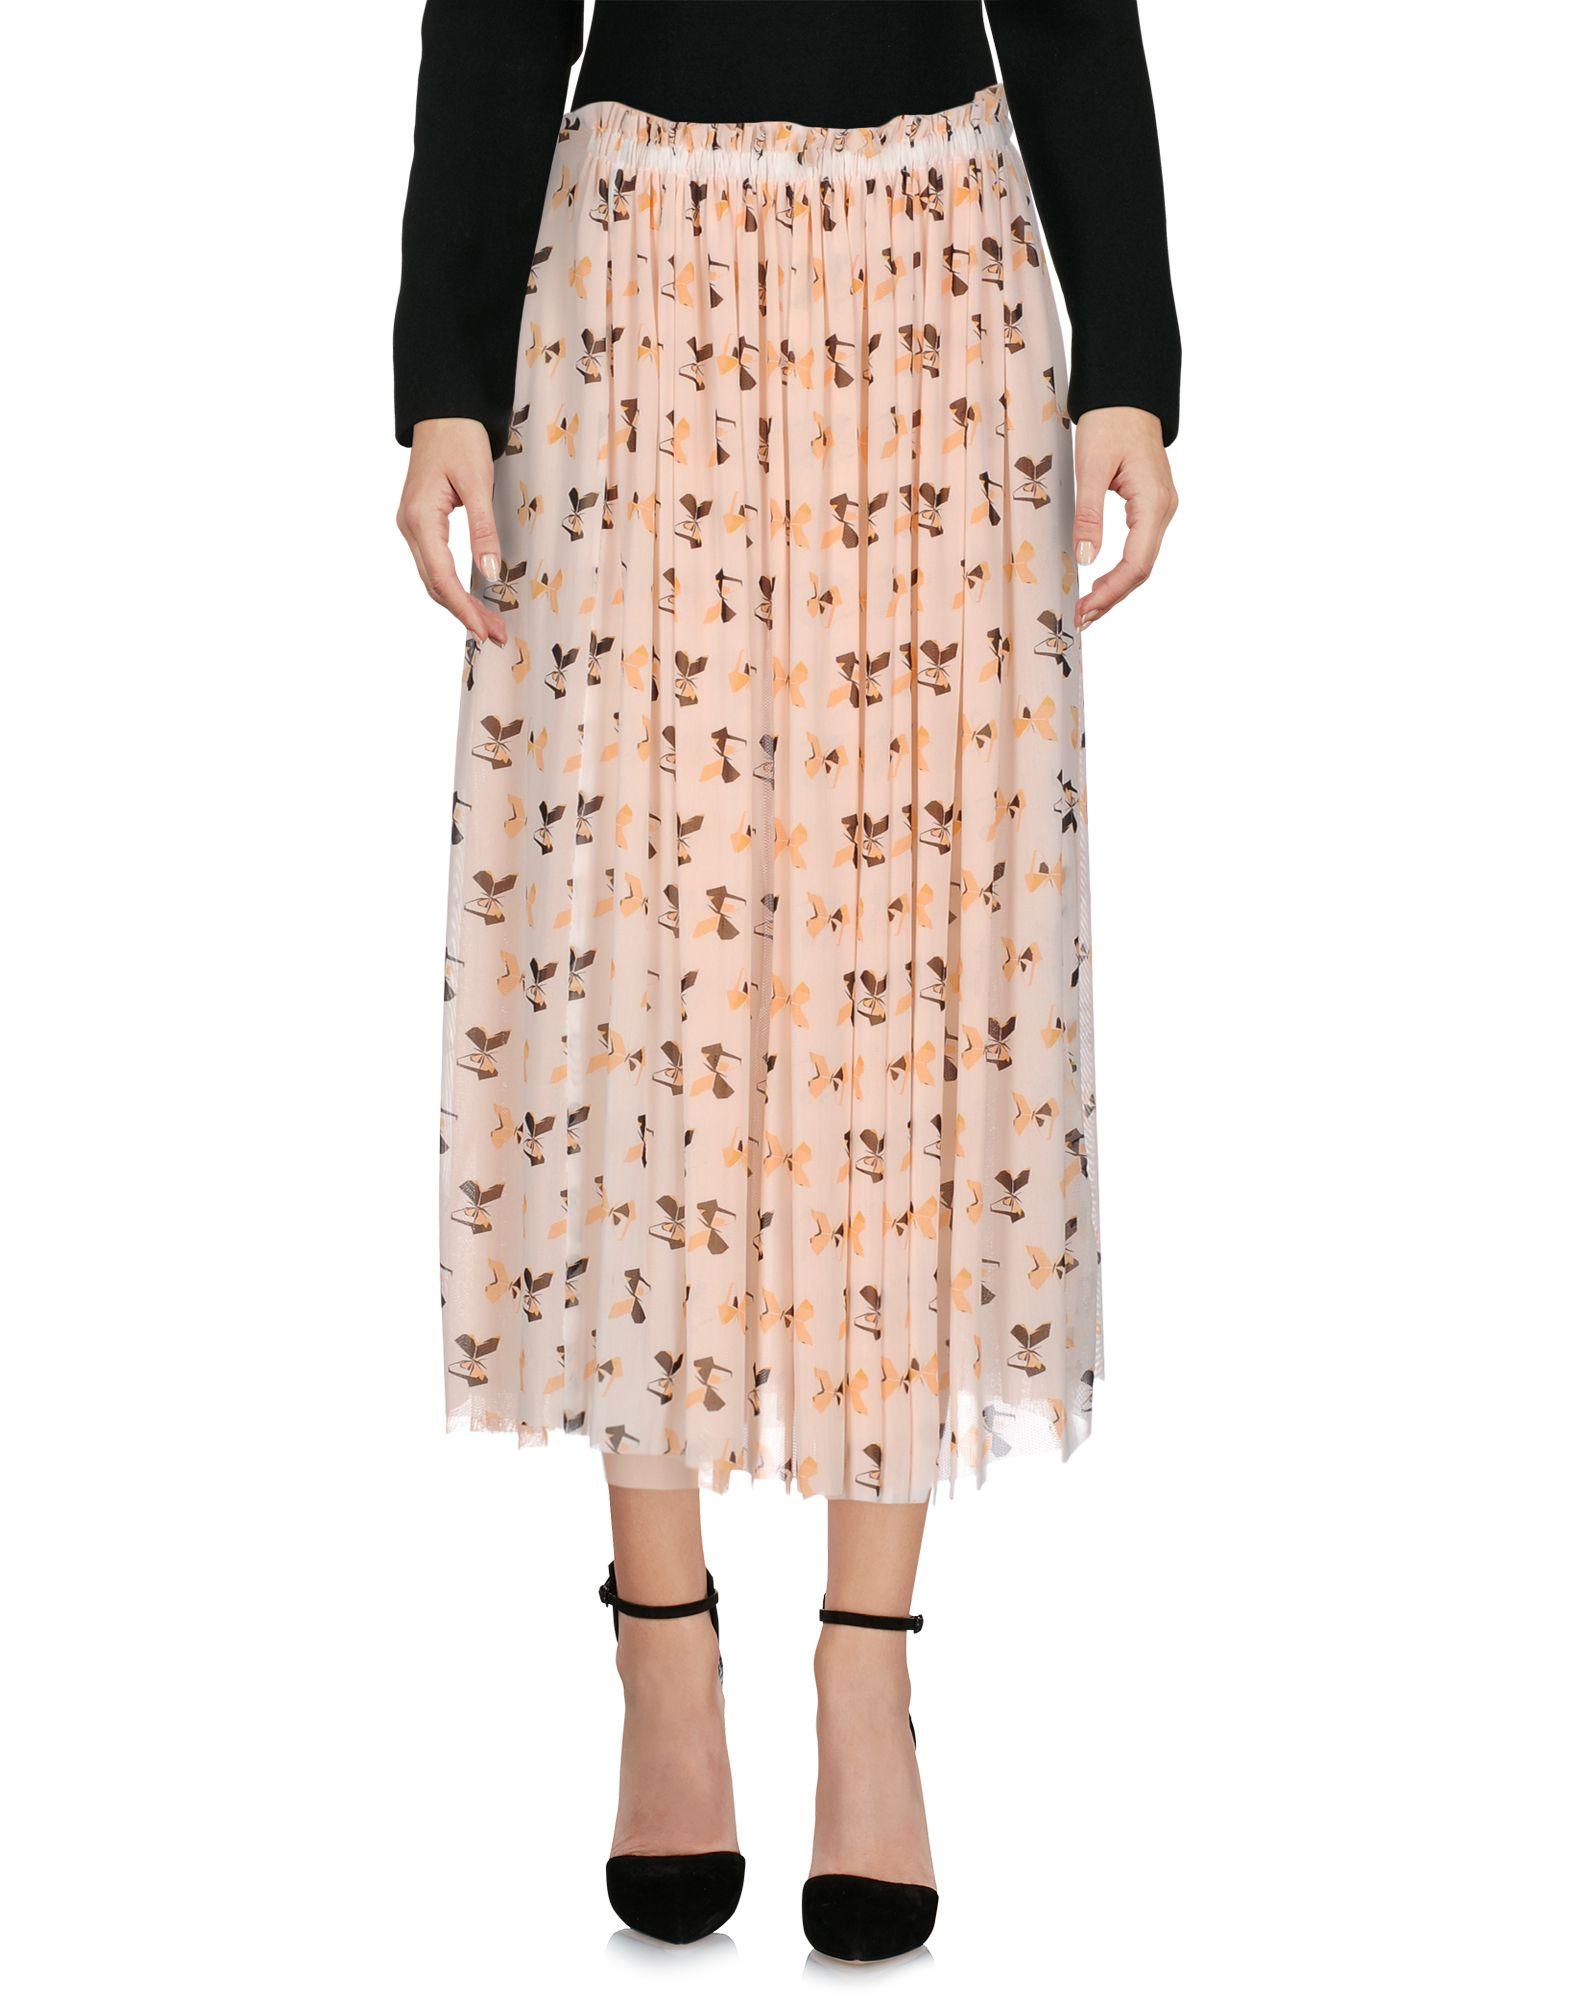 ATOS ATOS LOMBARDINI Юбка длиной 3/4 violet atos lombardini юбка длиной 3 4